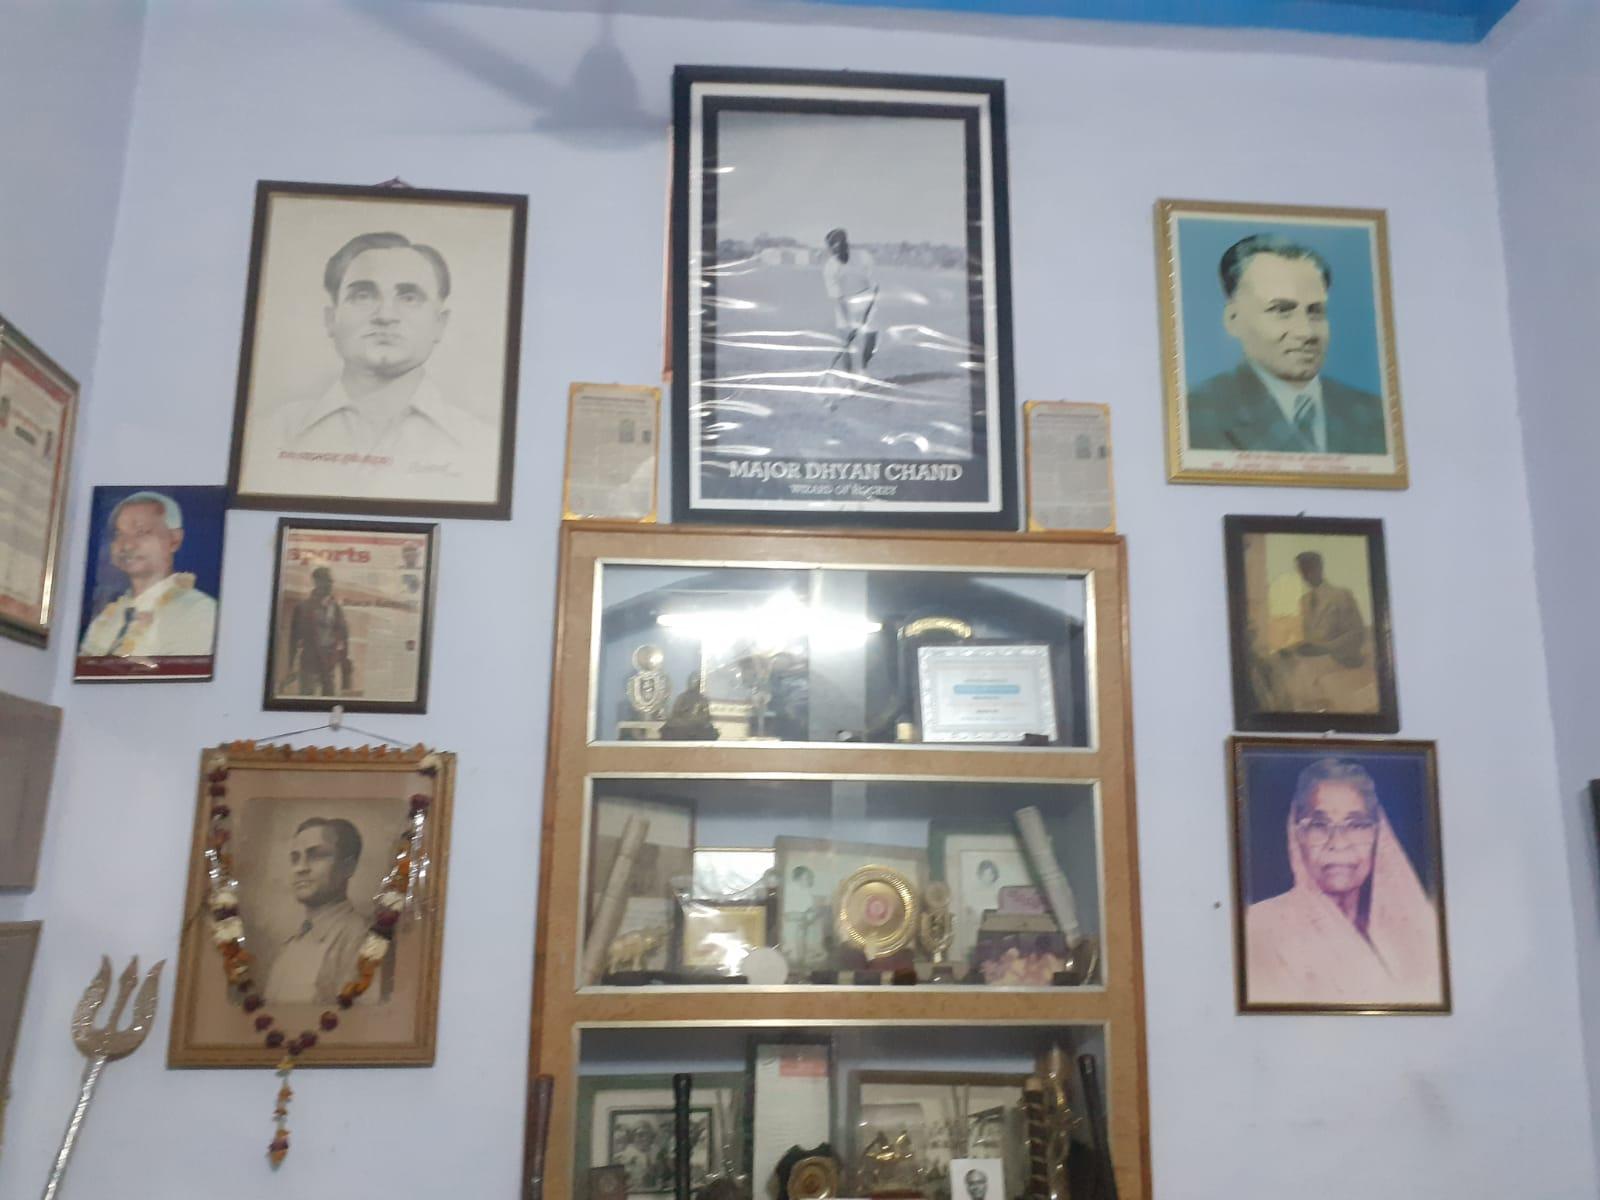 मेजर ध्यानचंद के घर की अलमारियों और दीवारों पर उनकी यादें सजी हैं।